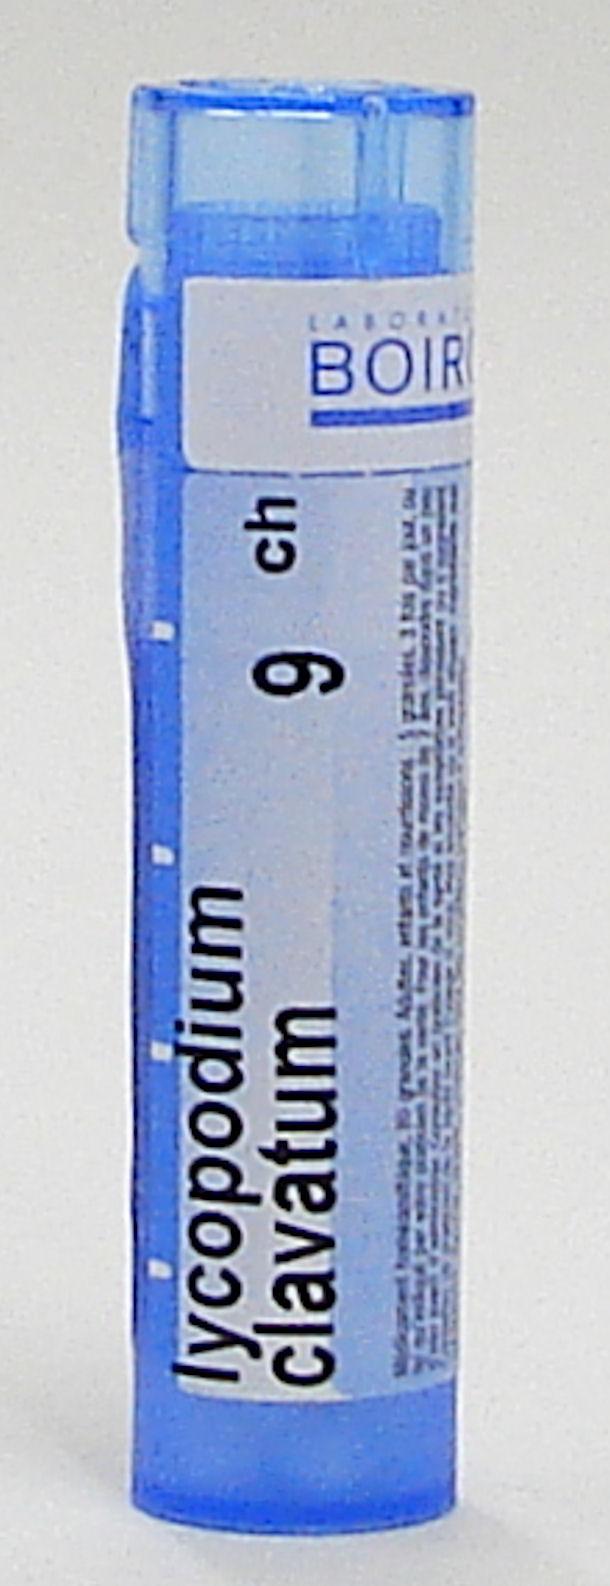 lycopodium clavatum 9ch sublingual pellets (boiron)